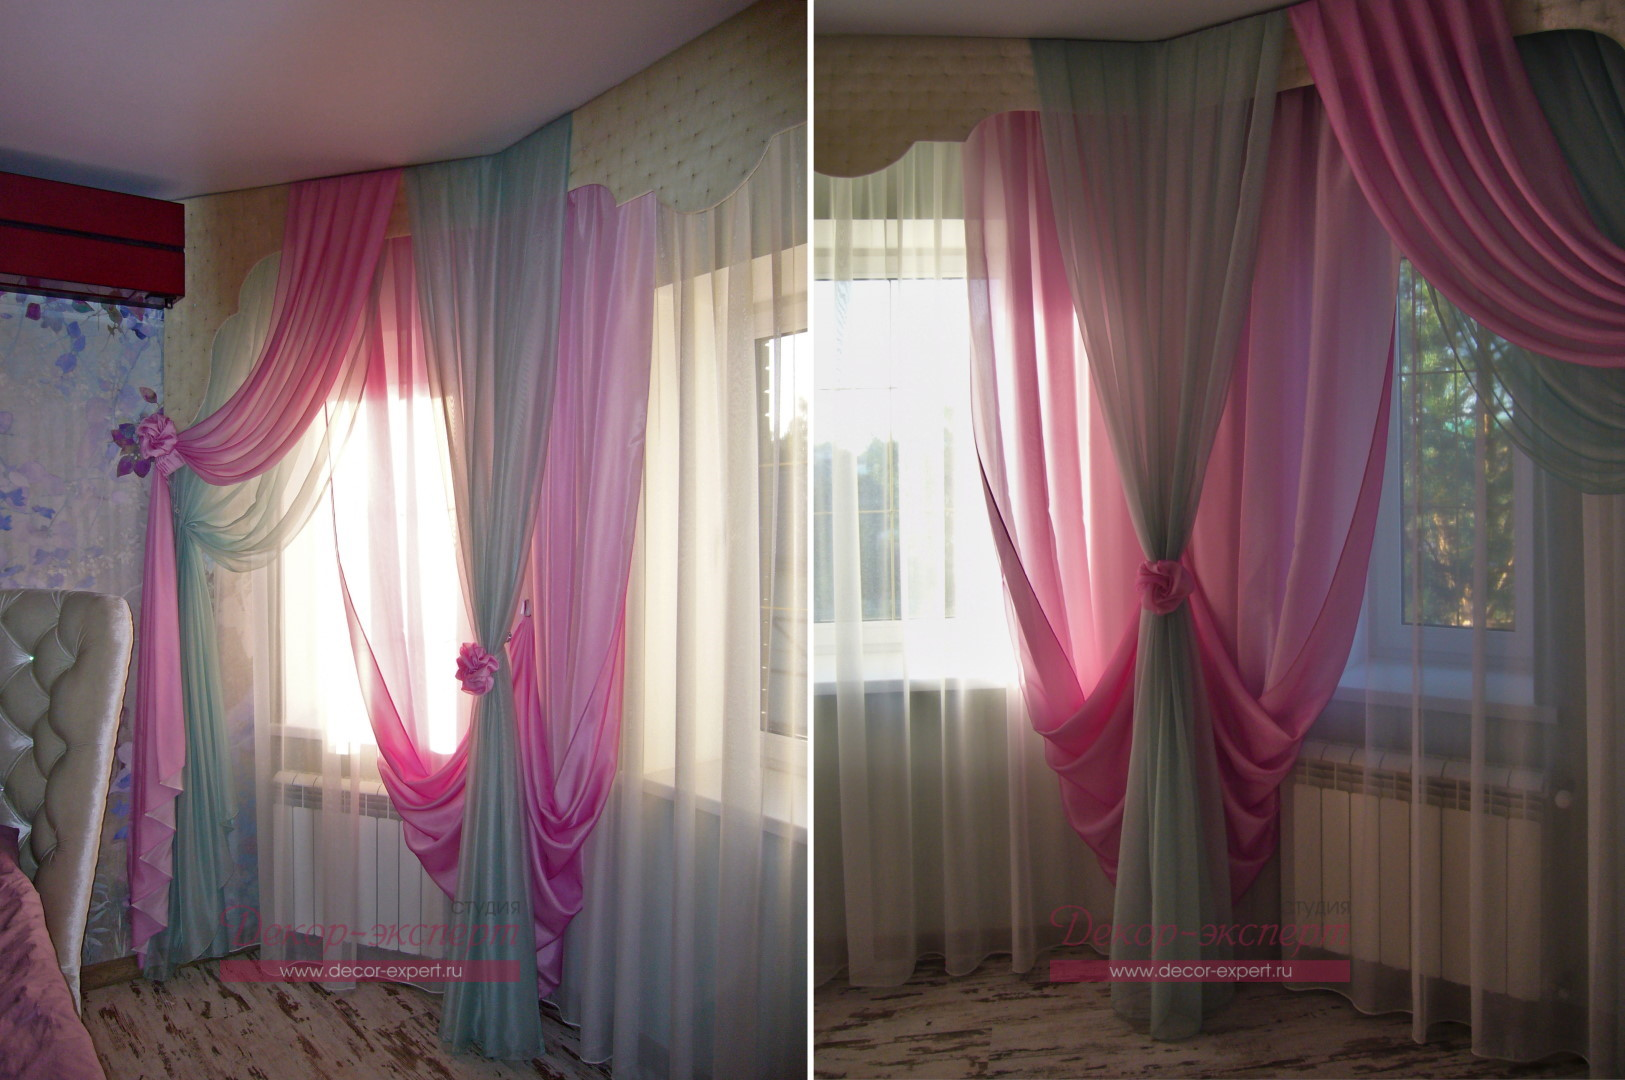 Тюль и двухцветные драпировки в различных частях эркера в спальне.